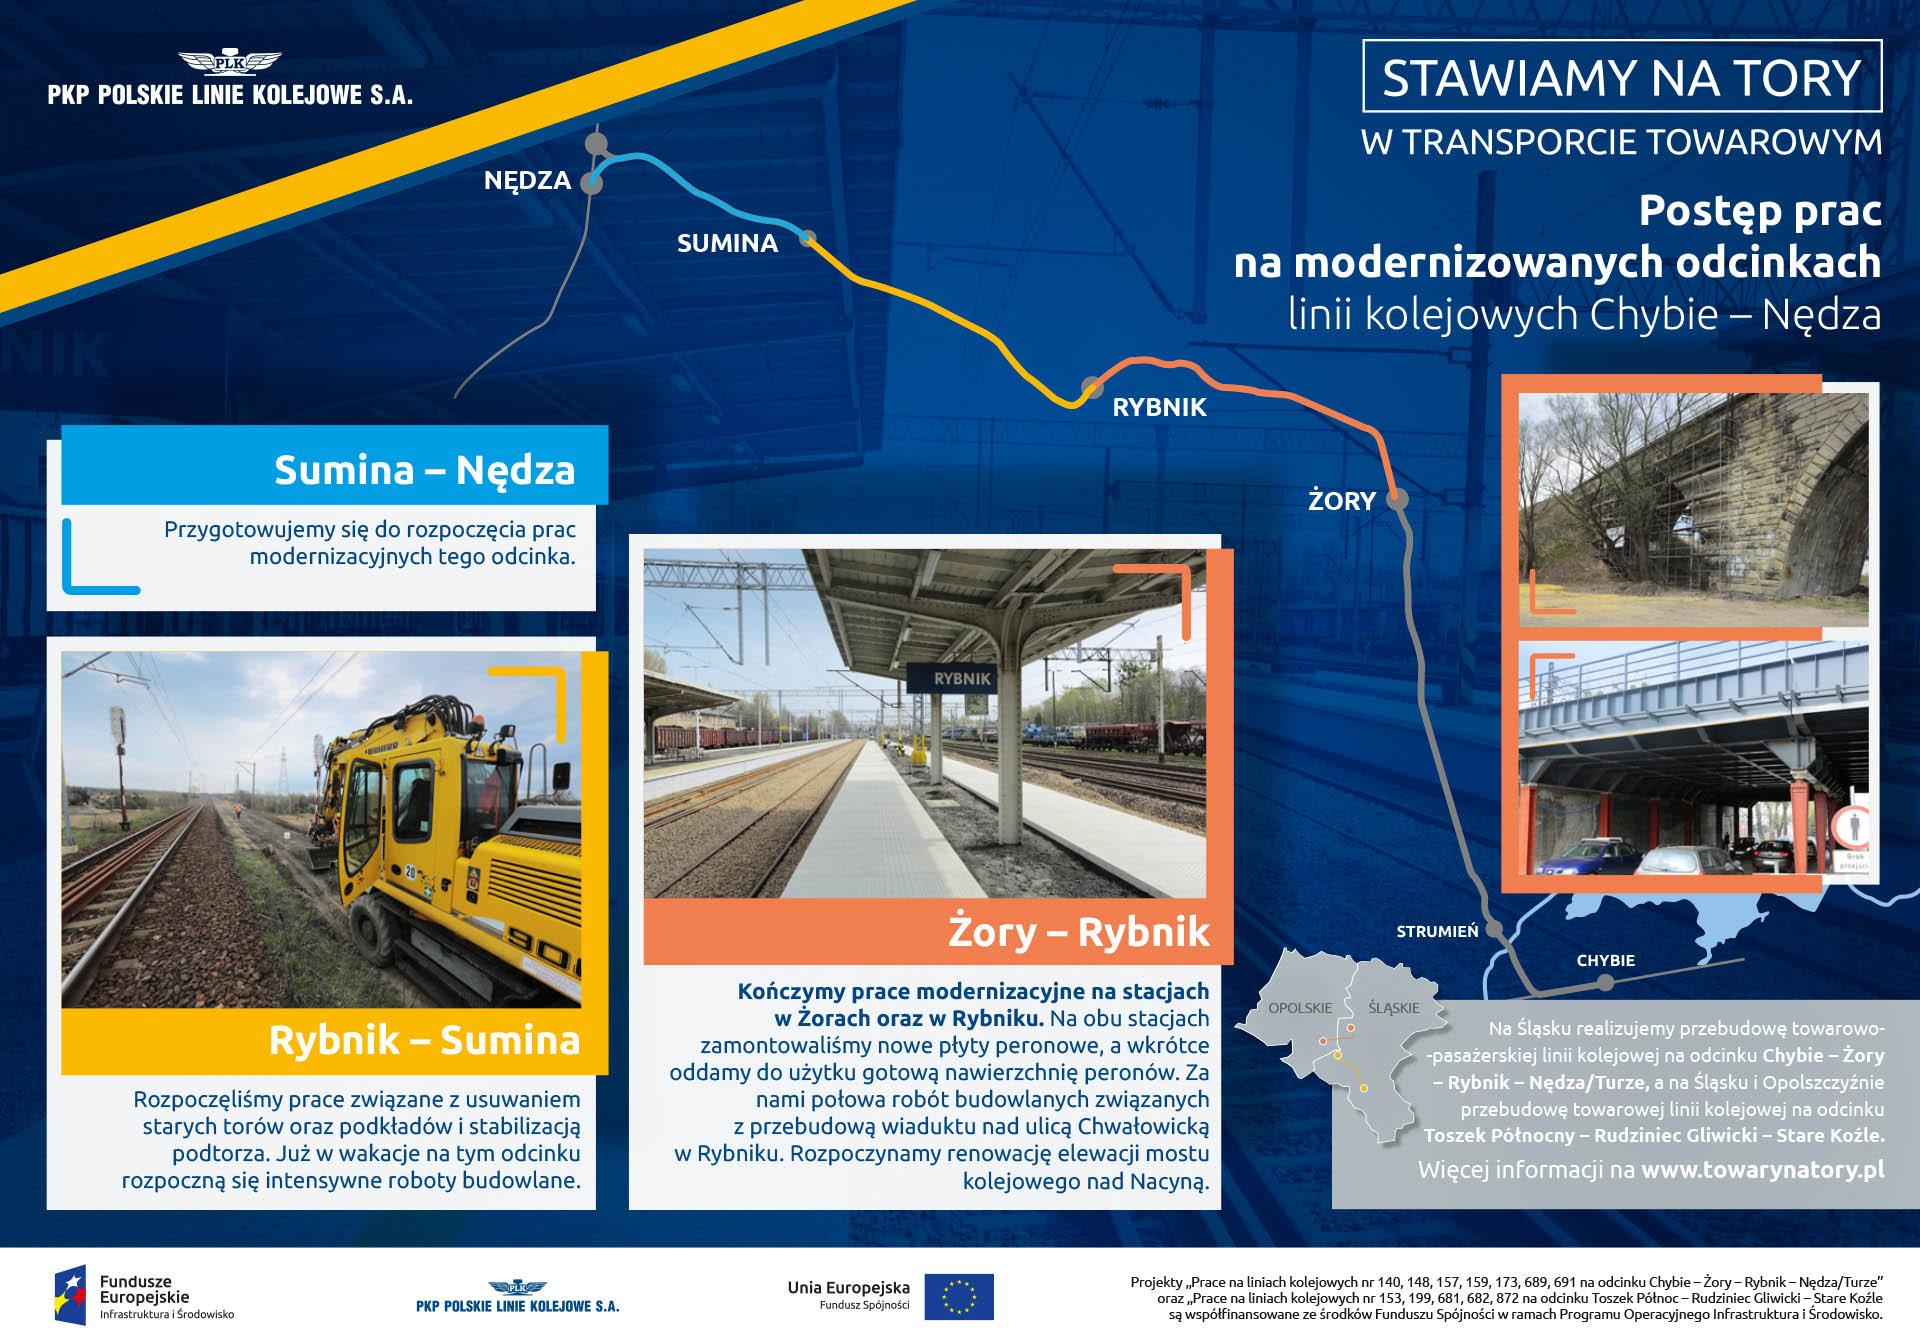 Infografika mówi o postępie prac na rewitalizowanej linii kolejowej. Na odcinku Żory - Rybnik prace już twają.  Odcinki Sumina Nędza i Rybnik Sumina przygotowywane są do rozpoczęcia prac.